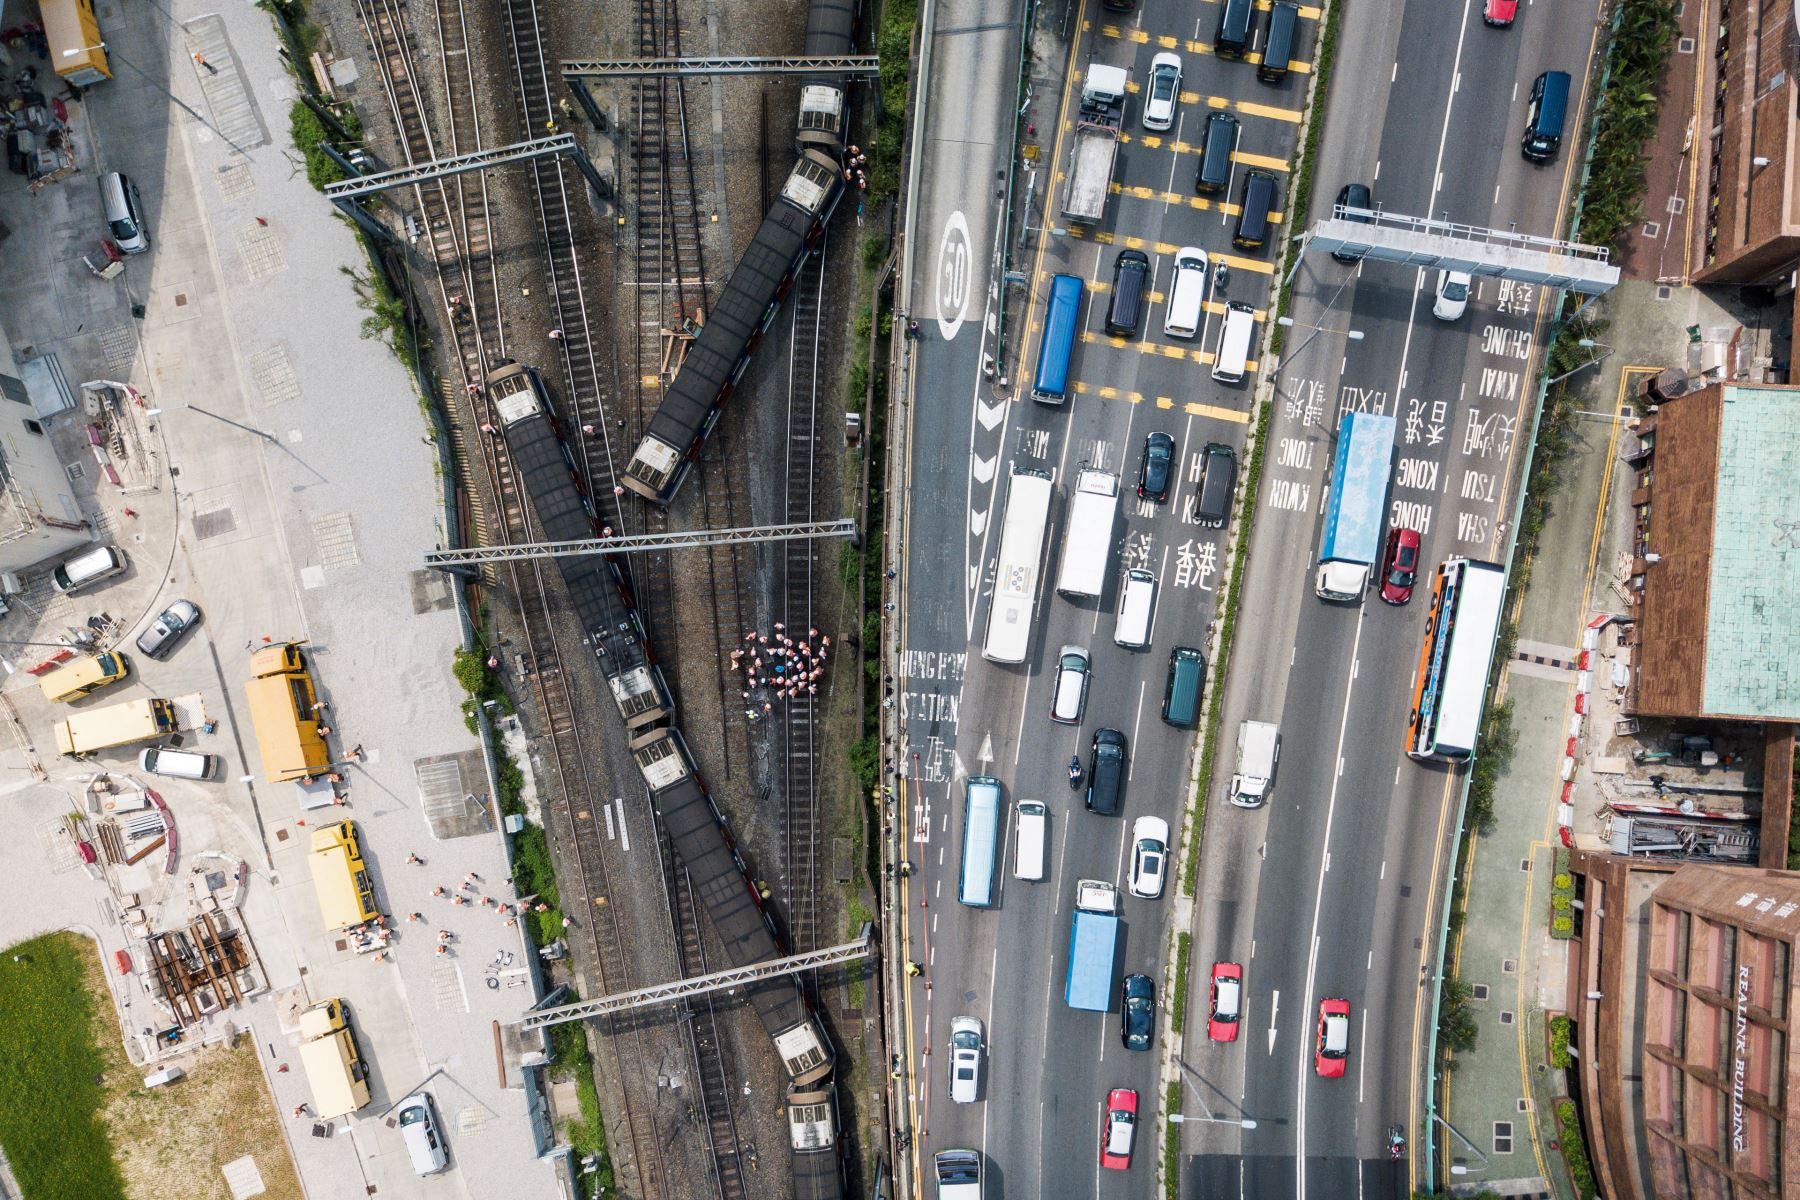 Un tren de pasajeros descarriló en hora punta la mañana de este martes en Hong Kong, dejando ocho heridos, según las autoridades. Foto: AFP